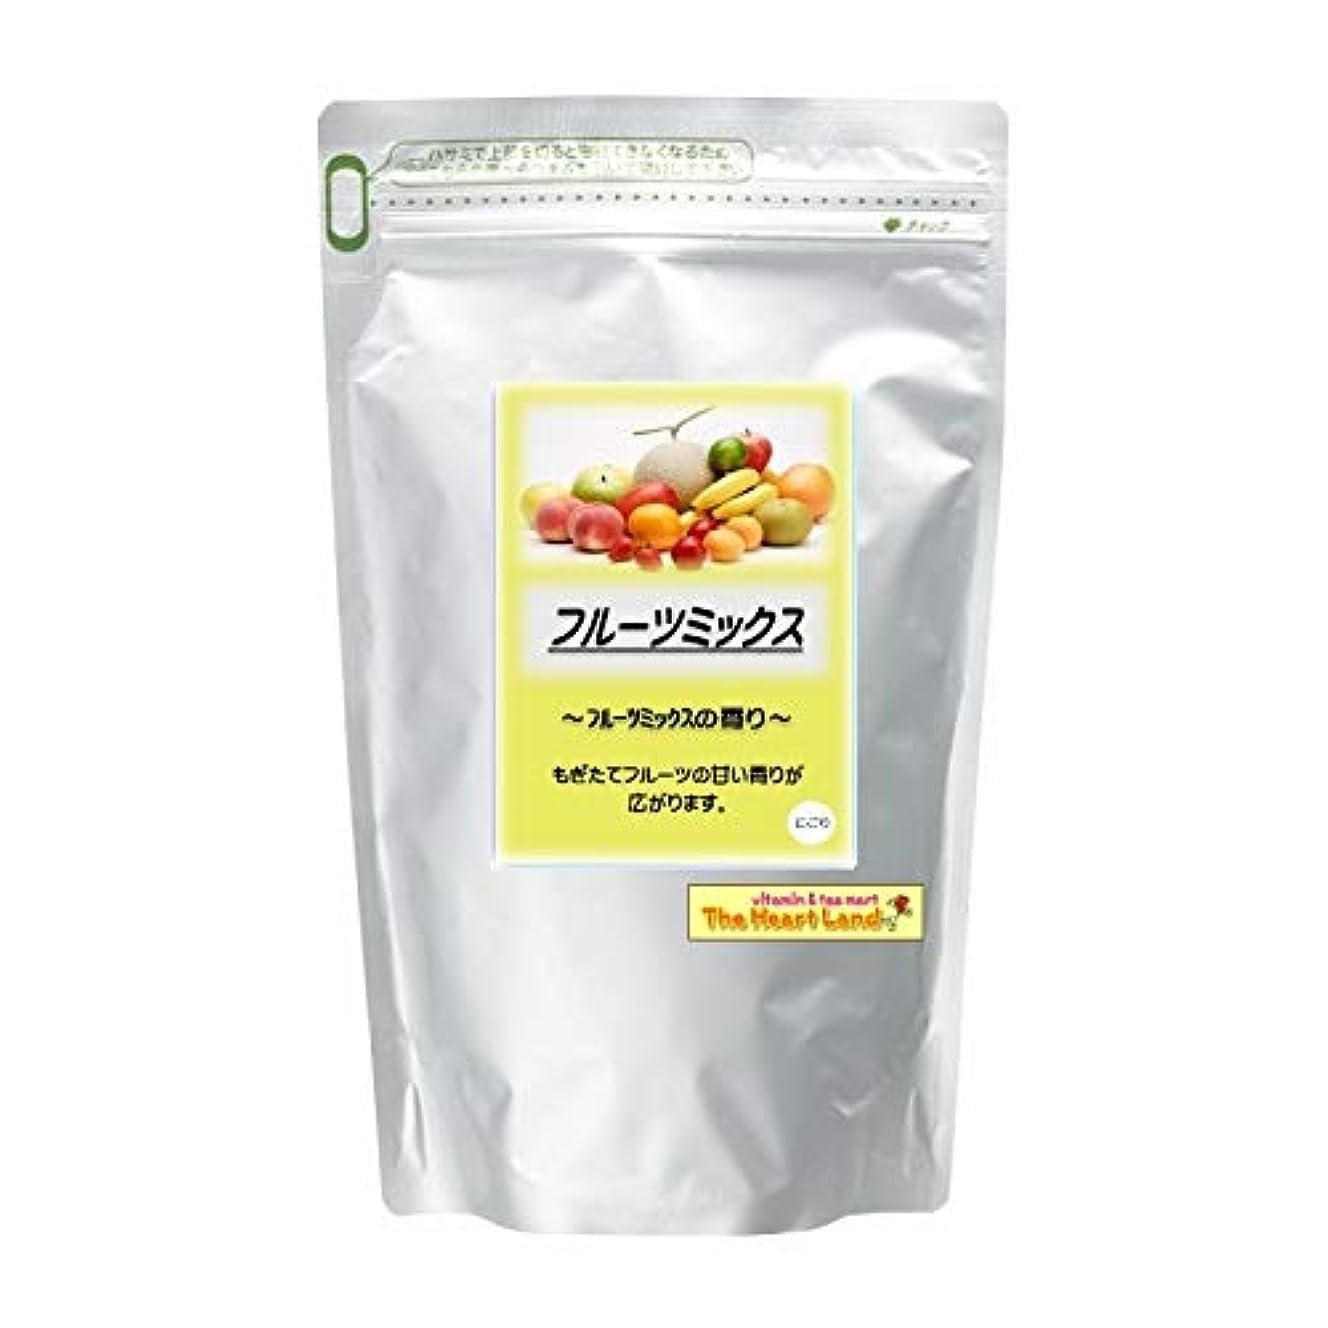 測定可能日付言い訳アサヒ入浴剤 浴用入浴化粧品 フルーツミックス 300g